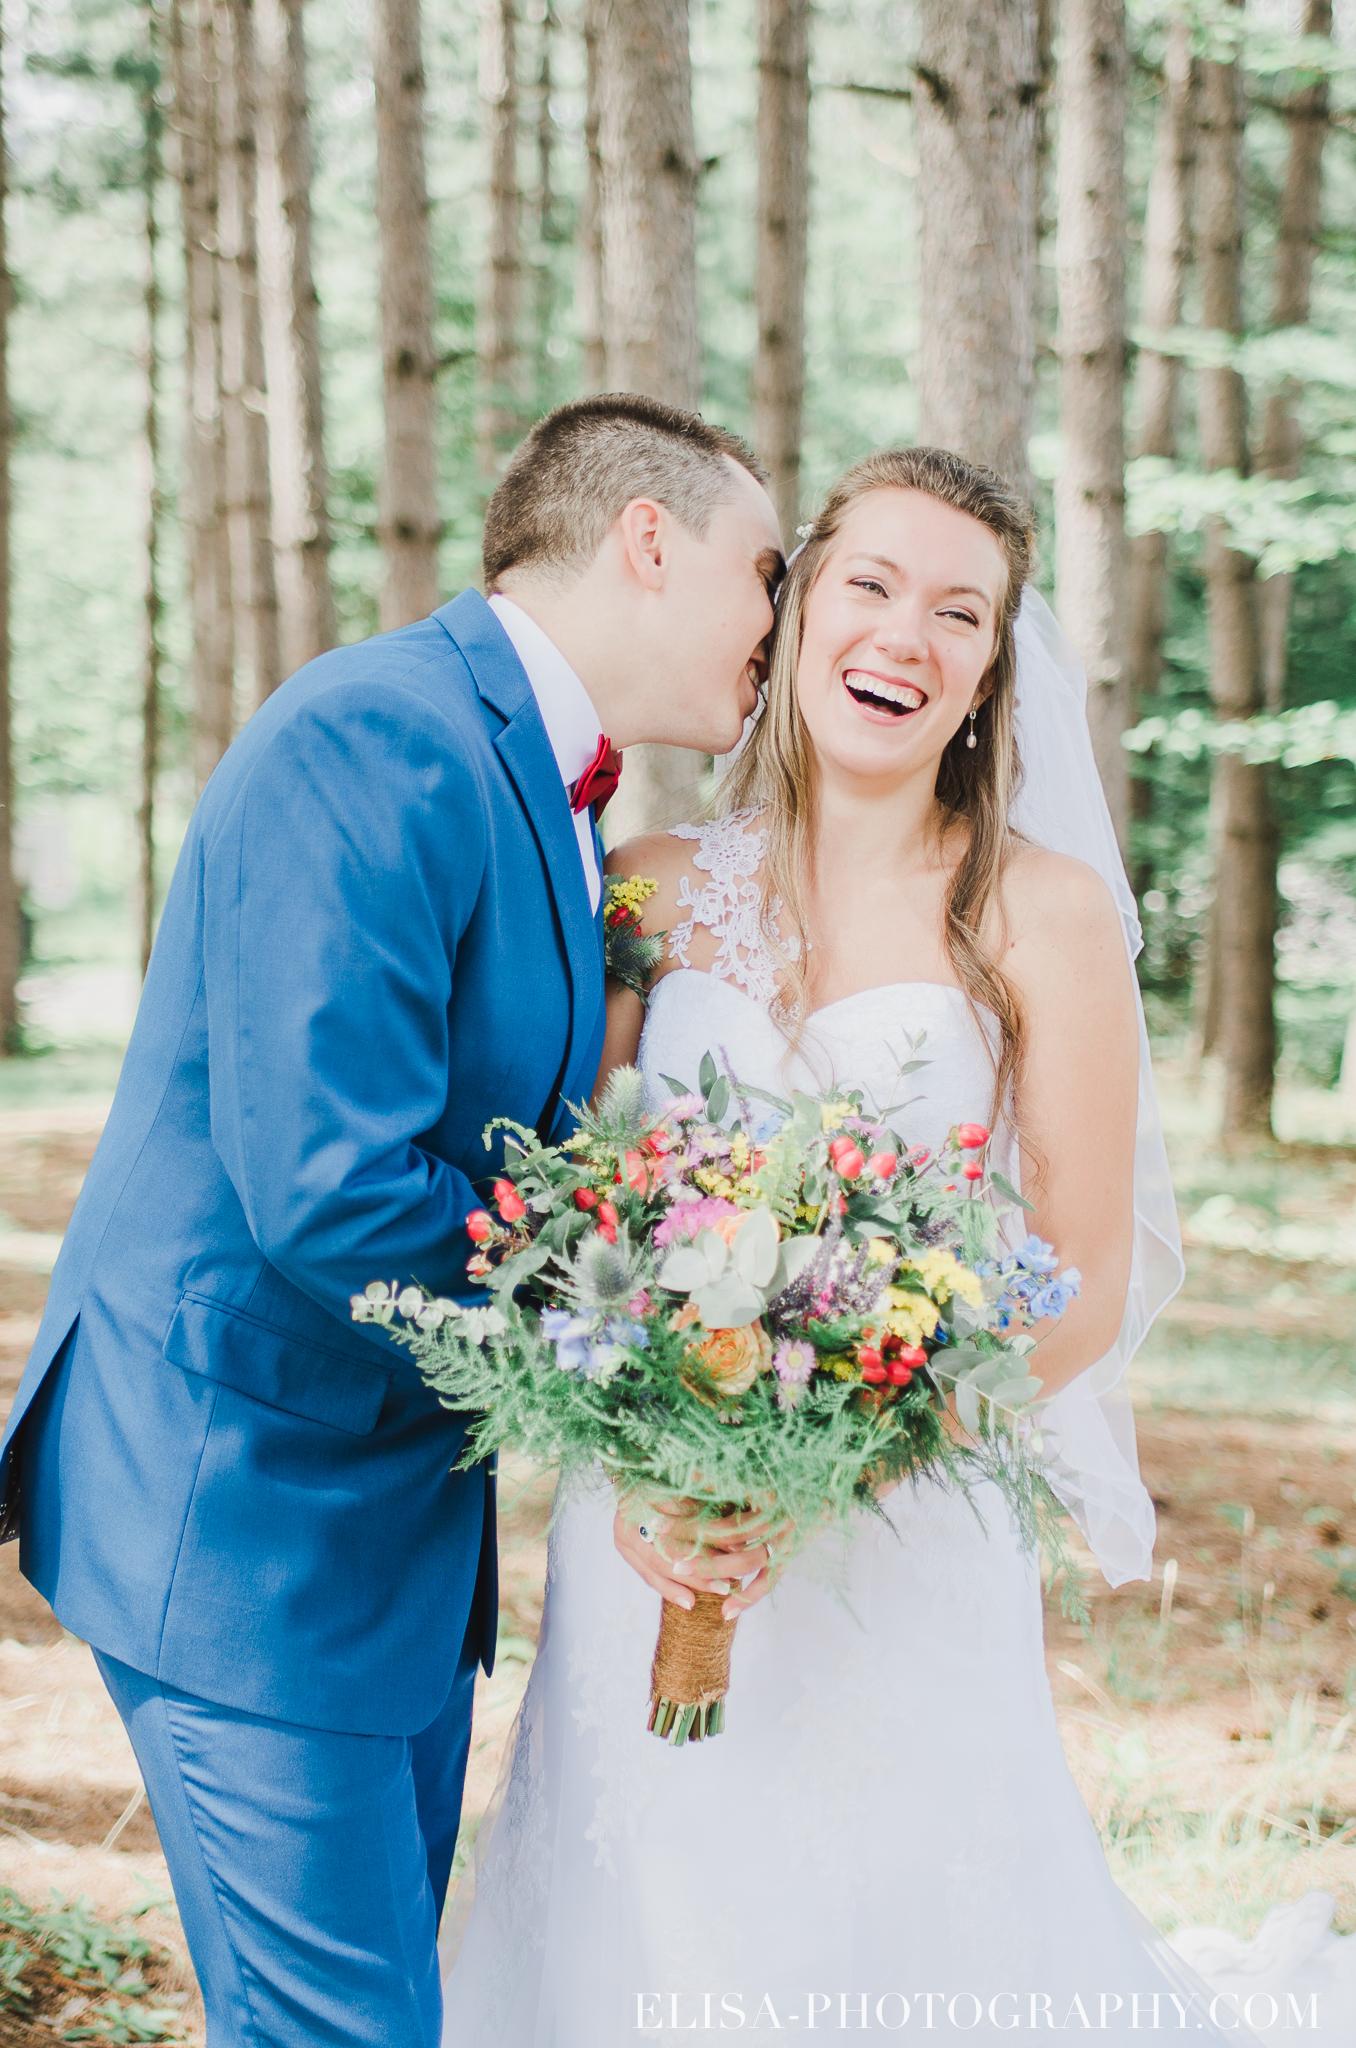 photo mariage grange rouge quebec conifere sapin couple foret multicolor 0157 - Mariage coloré à la grange rouge de Brompton